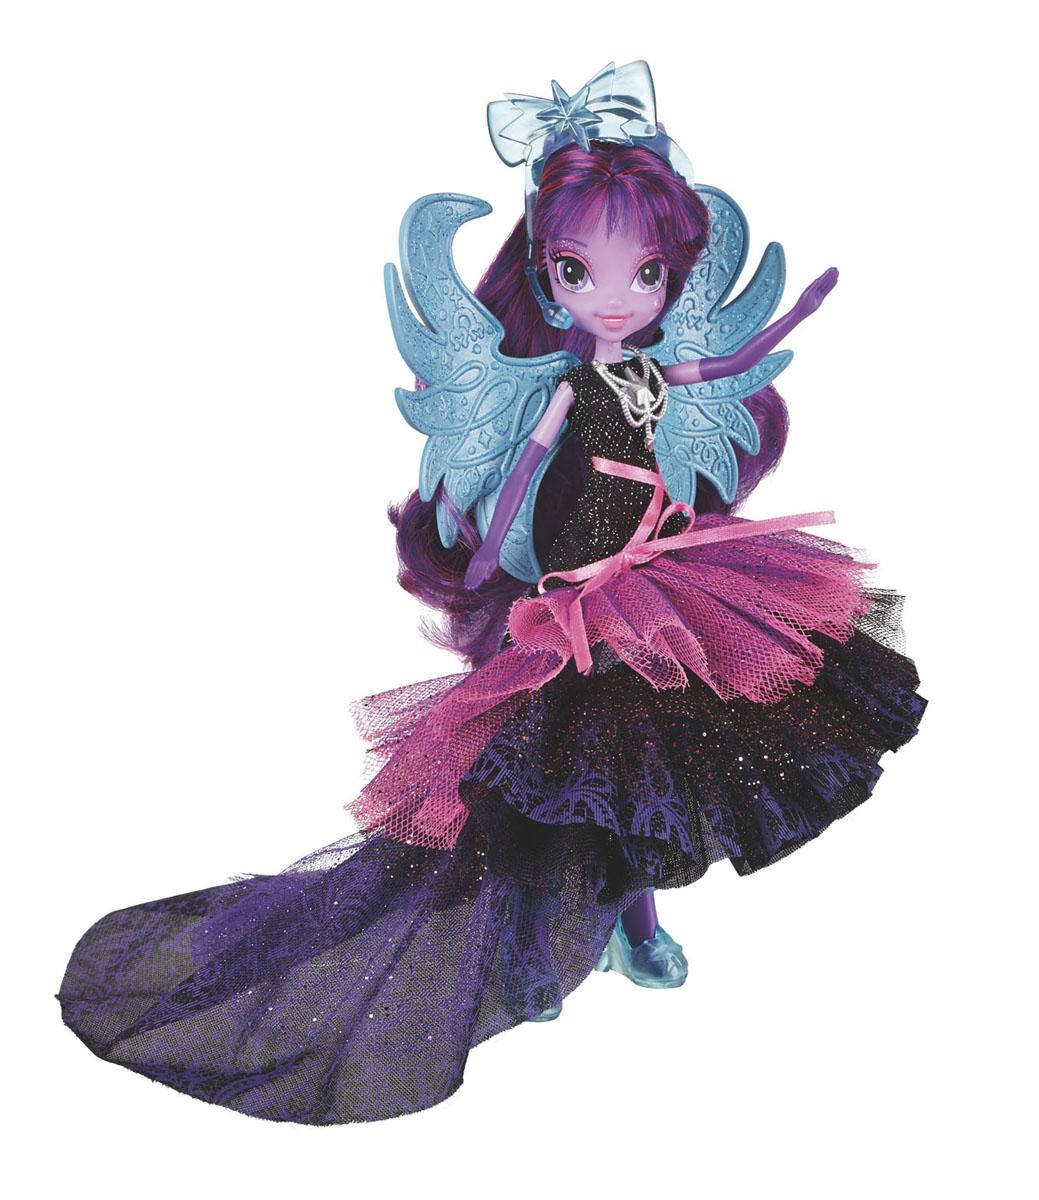 My Little Pony Кукла Супер-модница Твайлайт СпарклA8059Кукла My Little Pony Equestria Girls: Твайлайт Спаркл непременно понравится вашей маленькой принцессе. Кукла выполнена в виде девочки-пони Твайлайт Спаркл и одета в сказочное черно-фиолетовое платье с розовой верхней юбкой-сеточкой, на голове у нее закреплен голубой микрофон, на ногах - голубые сапожки. Она готова блистать в своем модном наряде на любом рок-концерте! Ее гламурный образ прекрасно подчеркнут большие голубые блестящие крылышки, которые закрепляются за спиной куклы. Также в комплект входит коллекционная карточка. Порадуйте ваше малышку таким замечательным подарком!